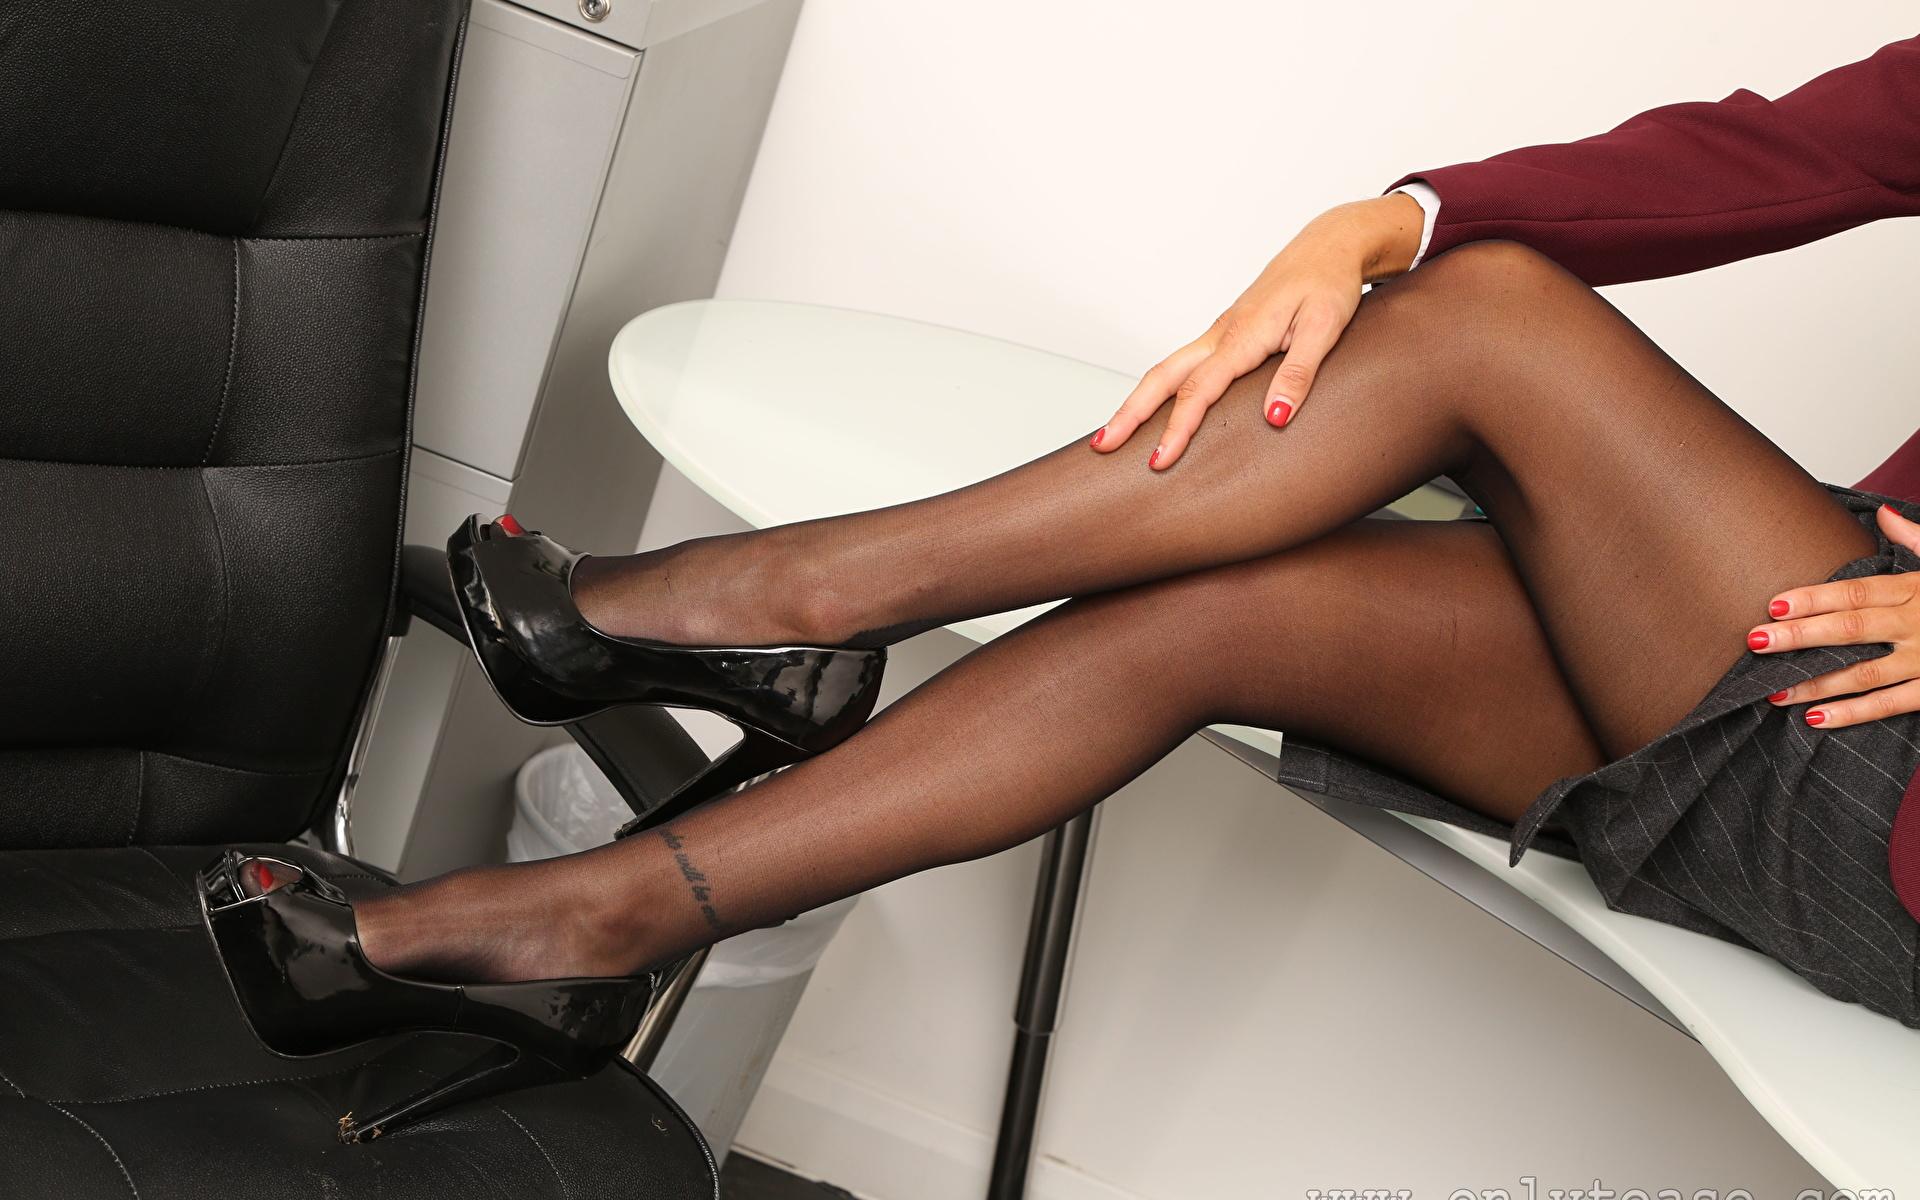 Картинки колготок молодая женщина Ноги Руки Крупным планом туфлях 1920x1200 Колготки колготках девушка Девушки молодые женщины ног рука вблизи Туфли туфель